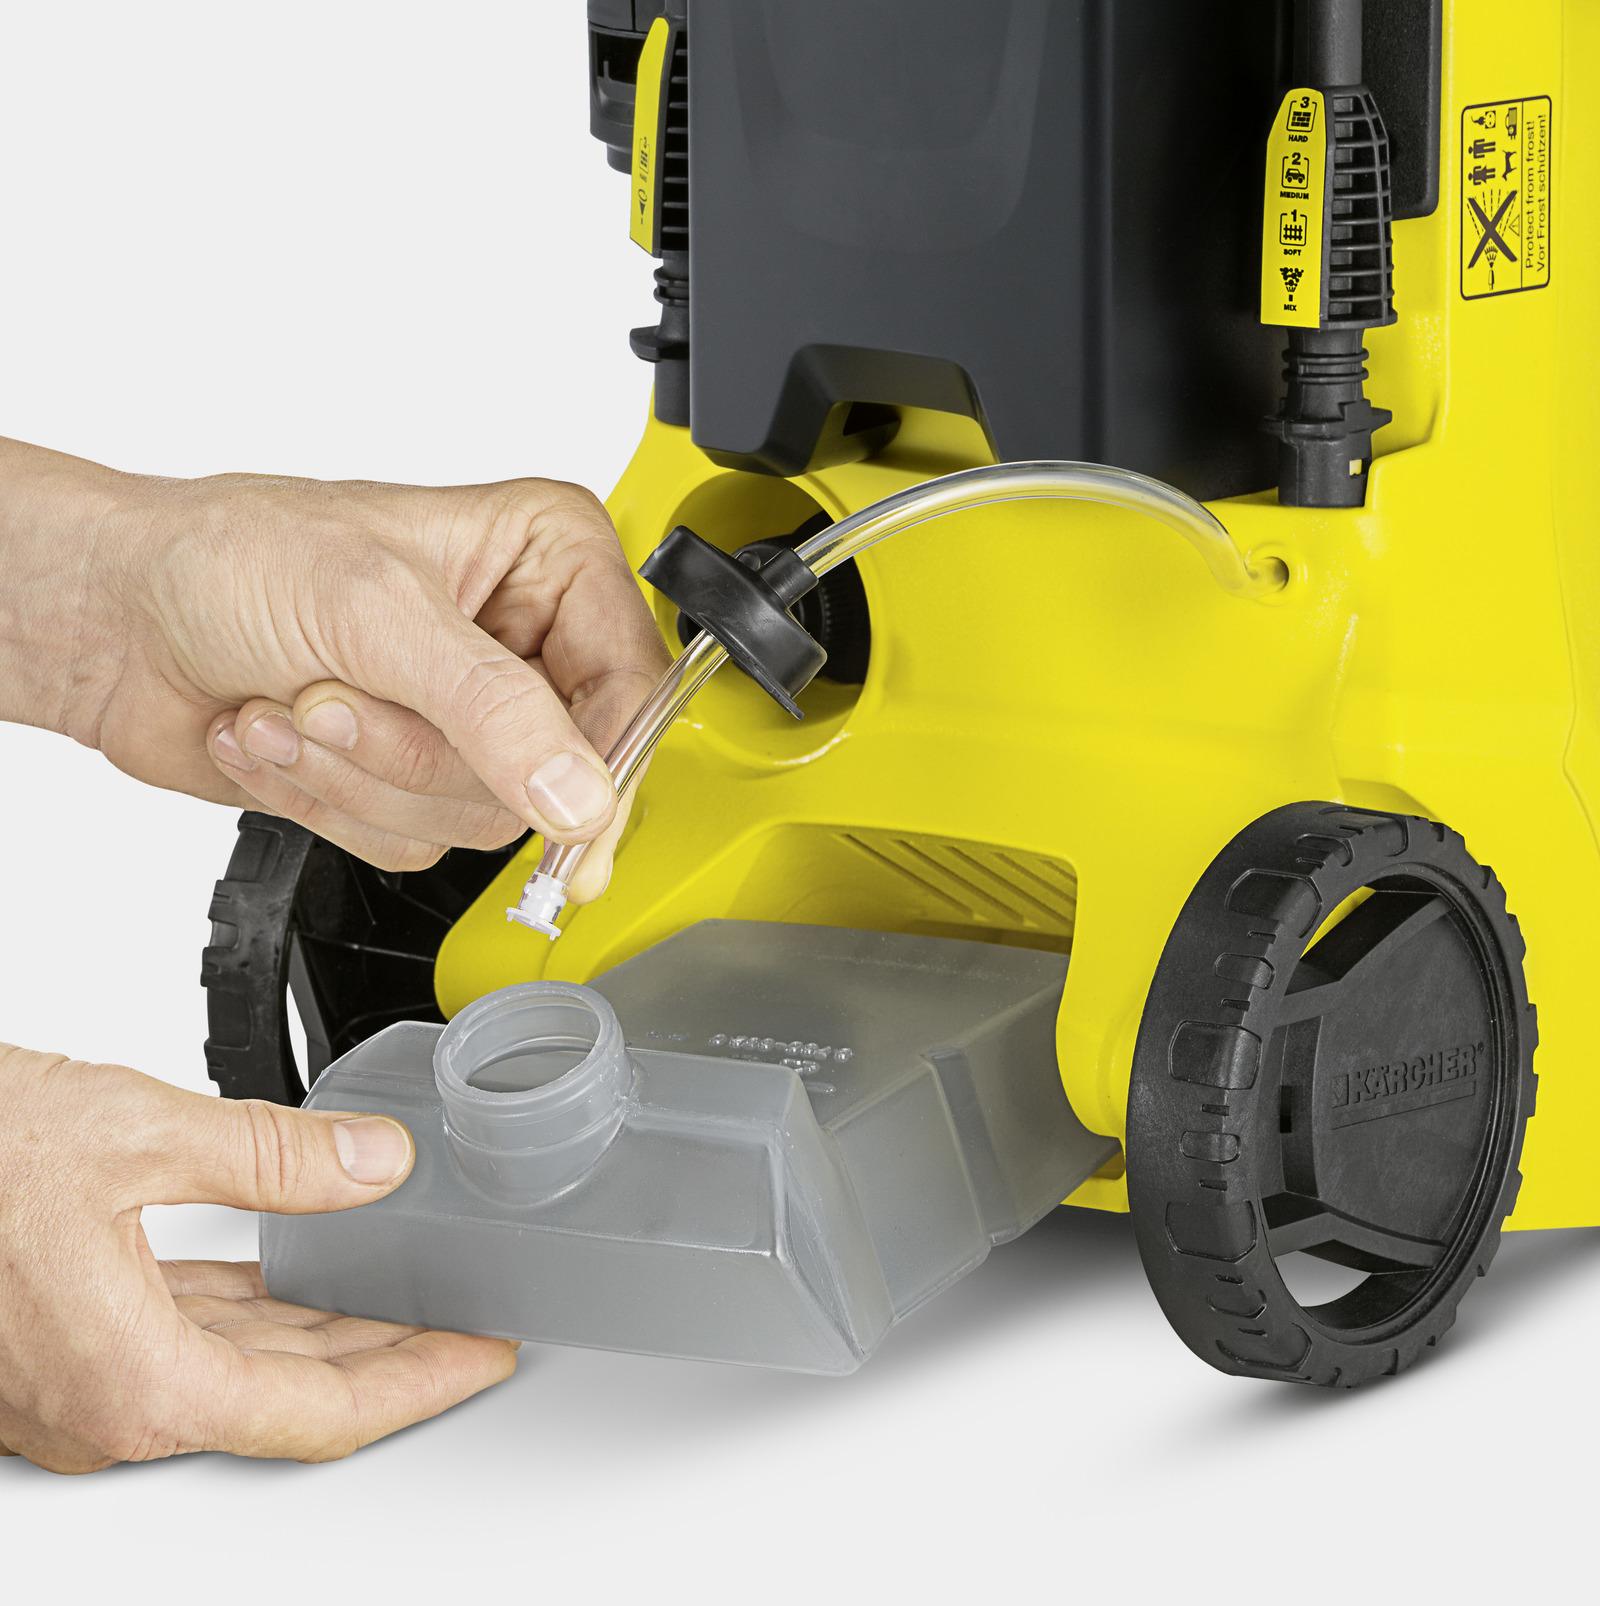 Kärcher K3 Full Control Home T350 : hochdruckreiniger k 3 full control home t350 k rcher ~ Frokenaadalensverden.com Haus und Dekorationen